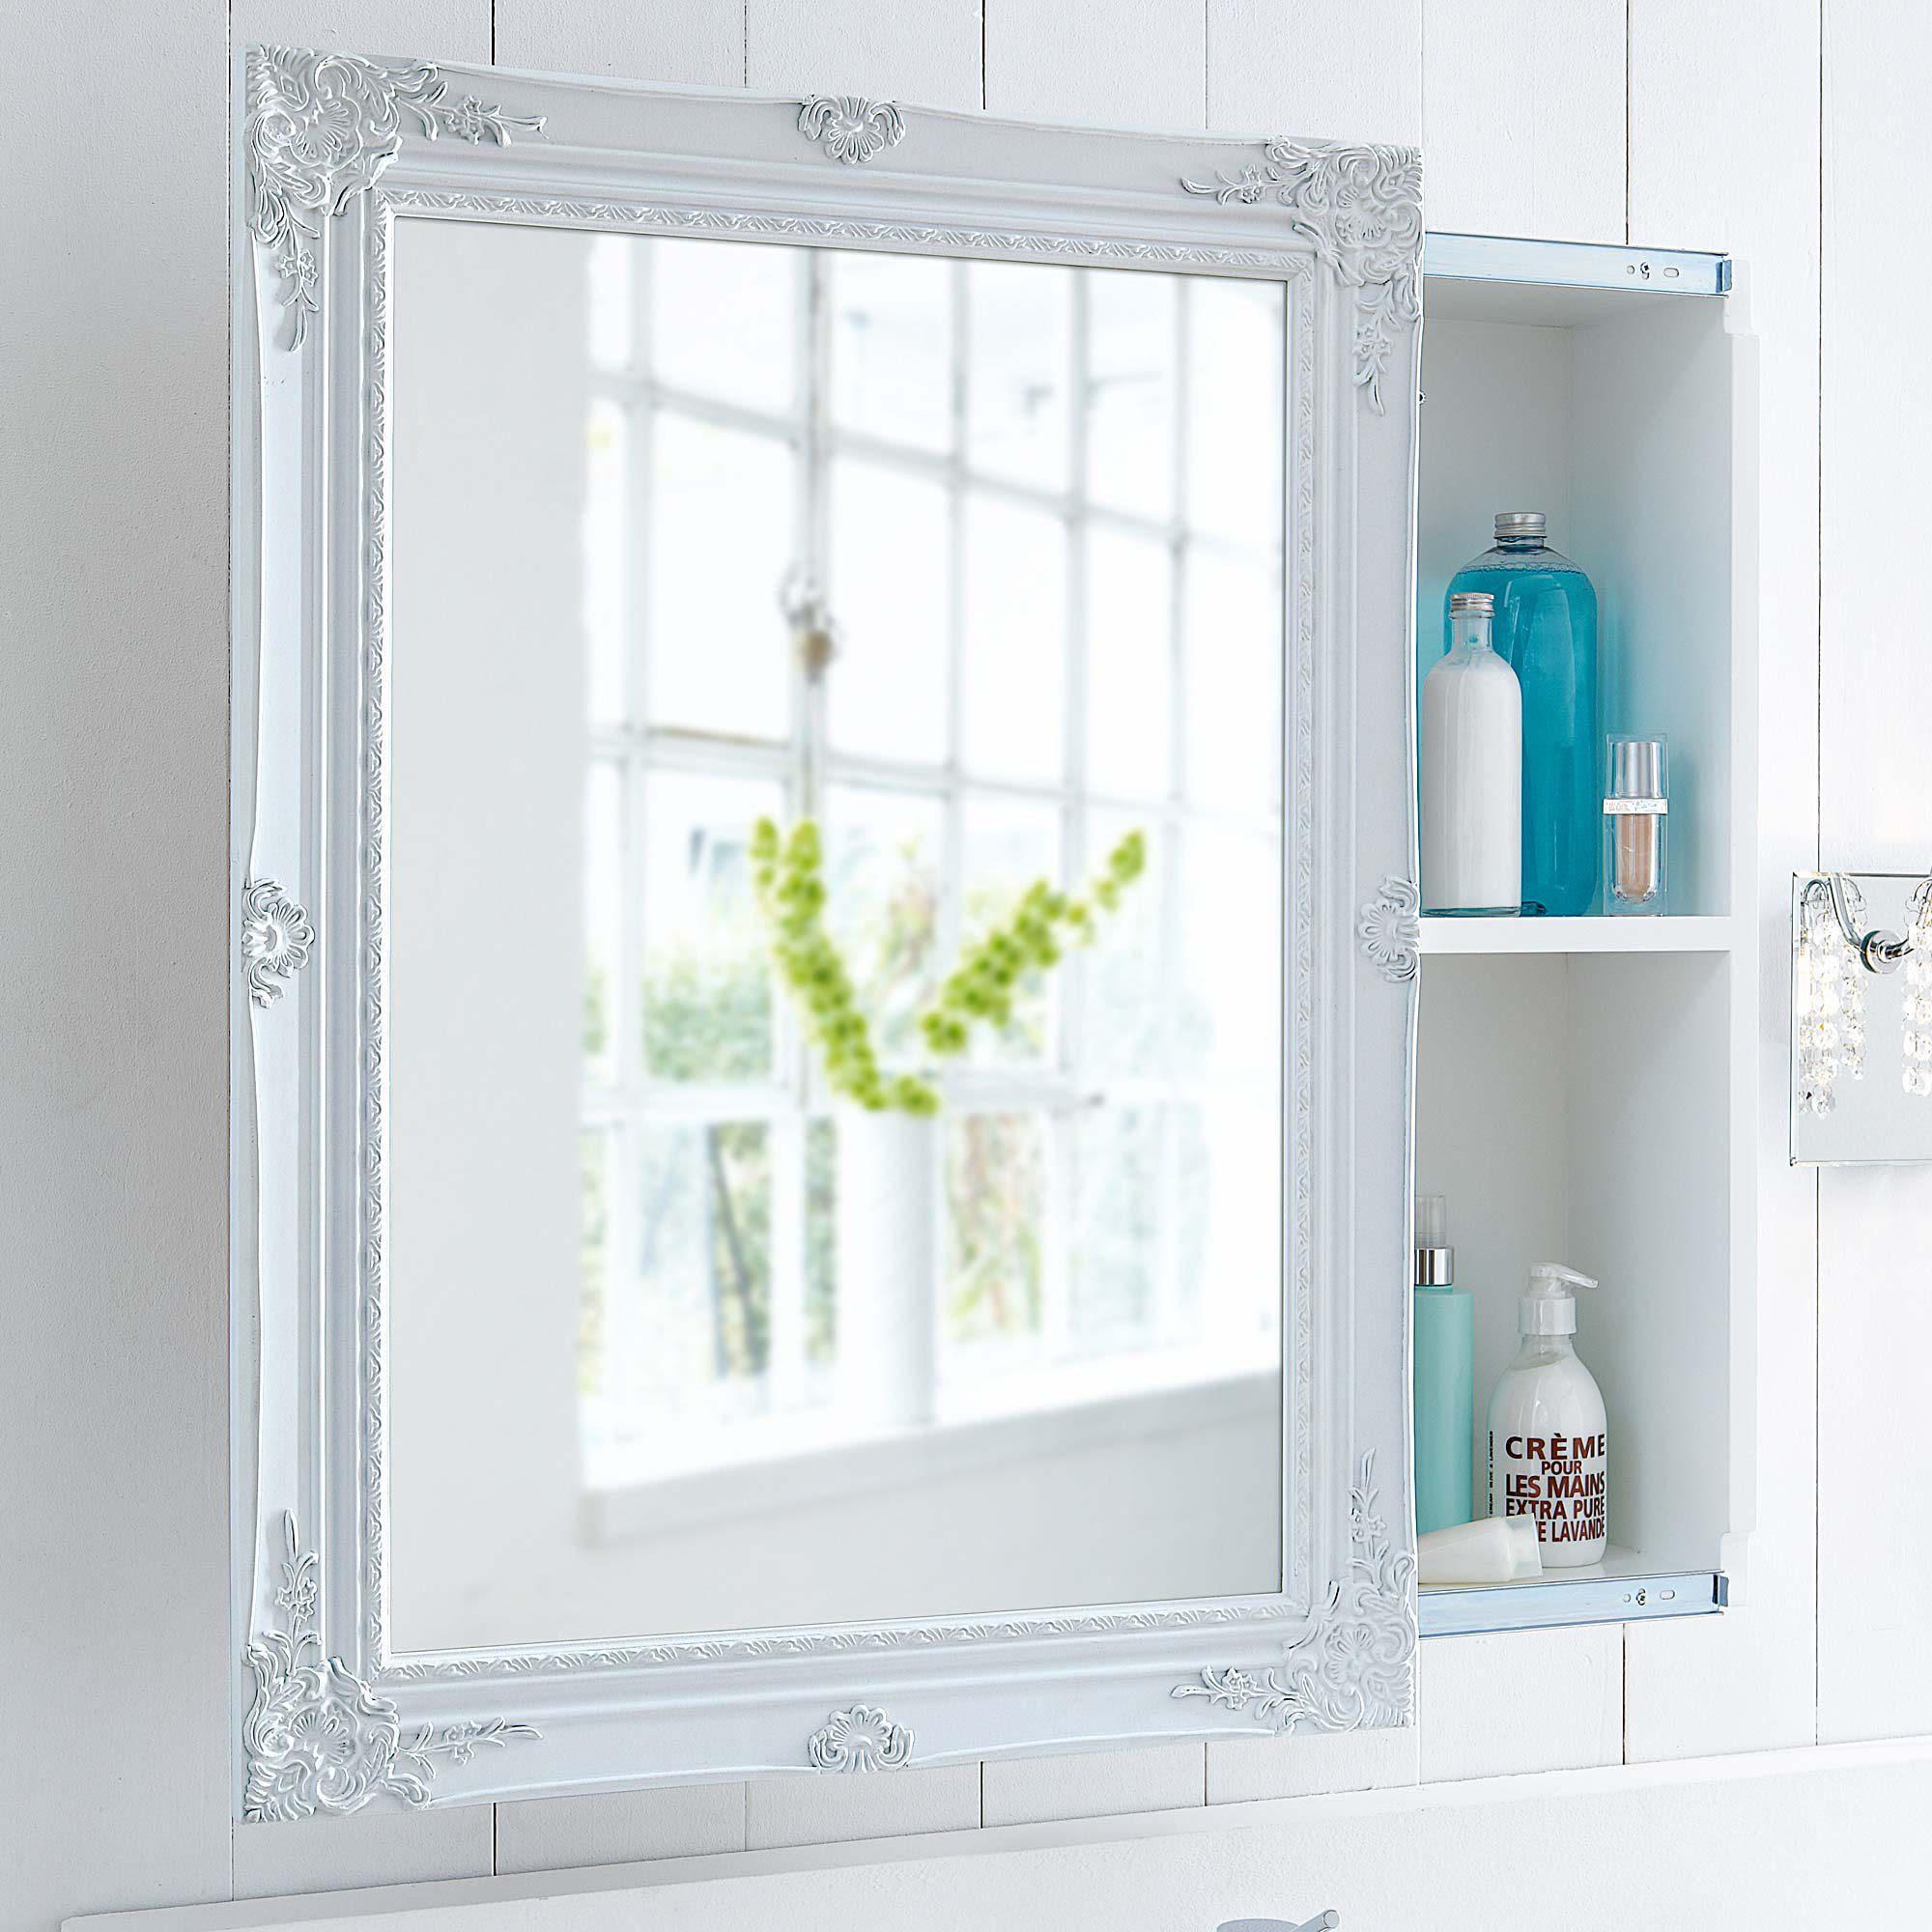 Spiegelschrank bad landhaus  Spiegelschrank, Schiebetür, zwei Innenfächer, Romantik-Look, MDF